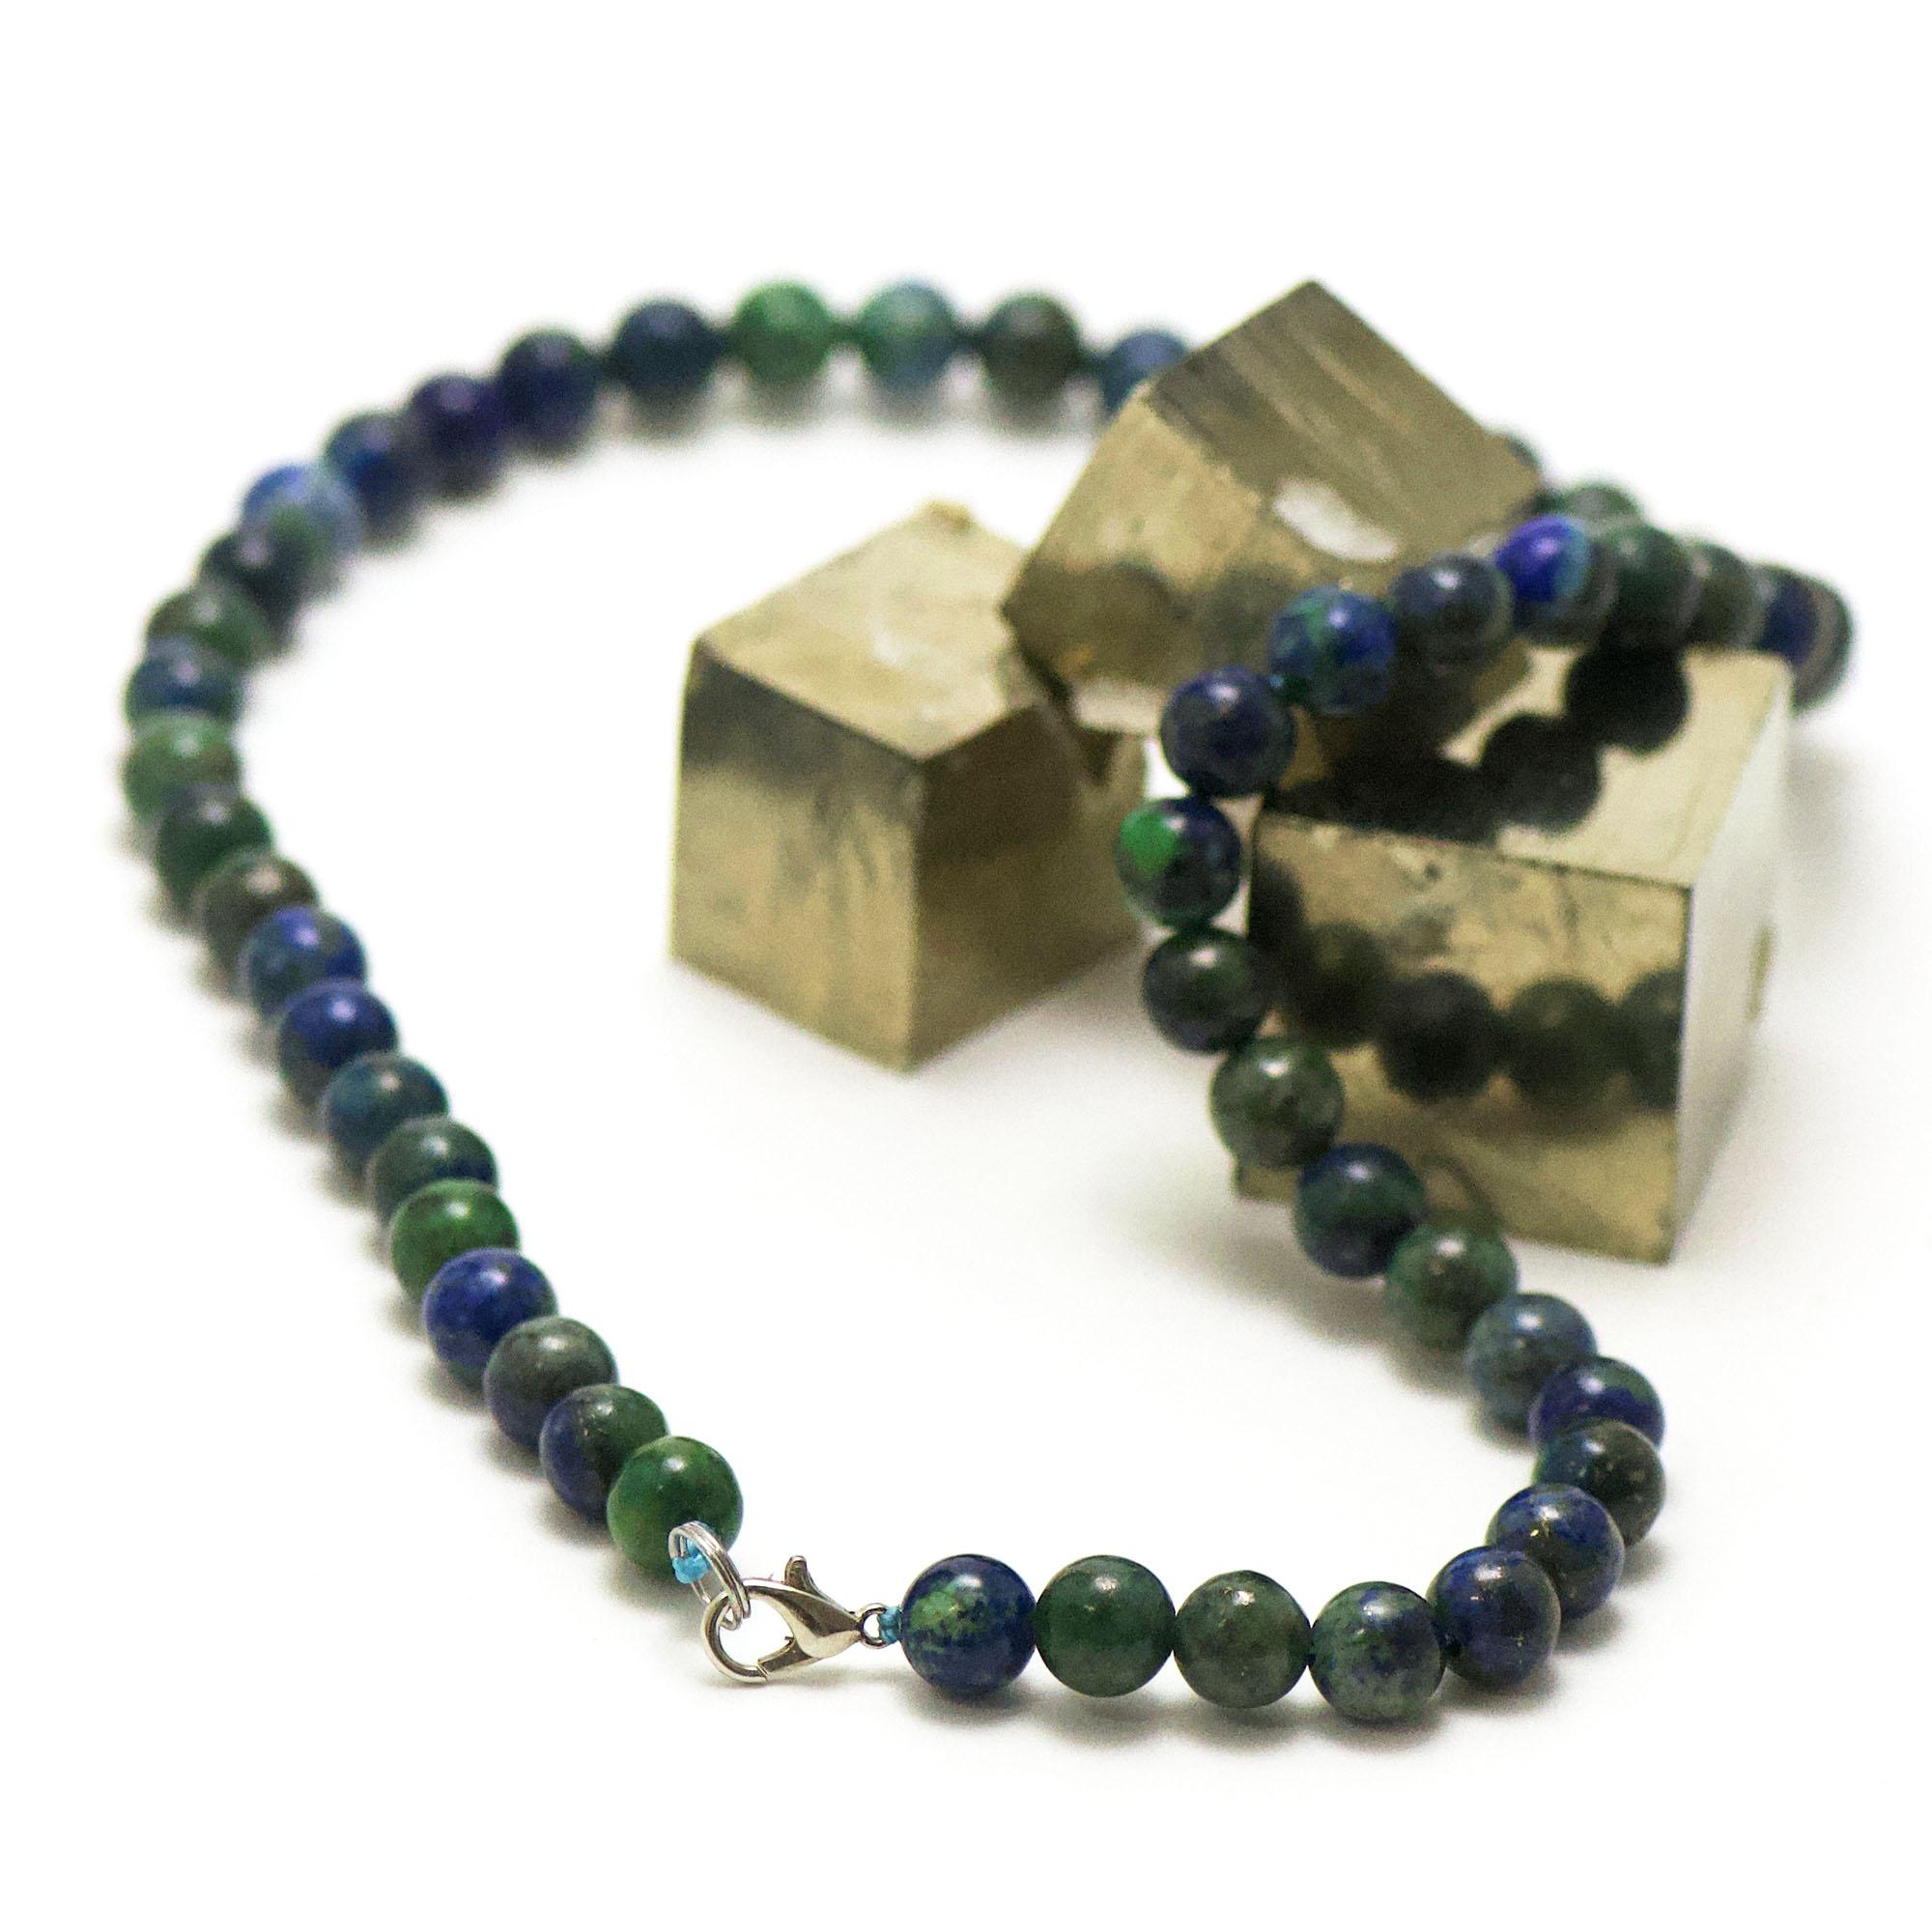 collier azurite-malachite perle ronde 8 mm